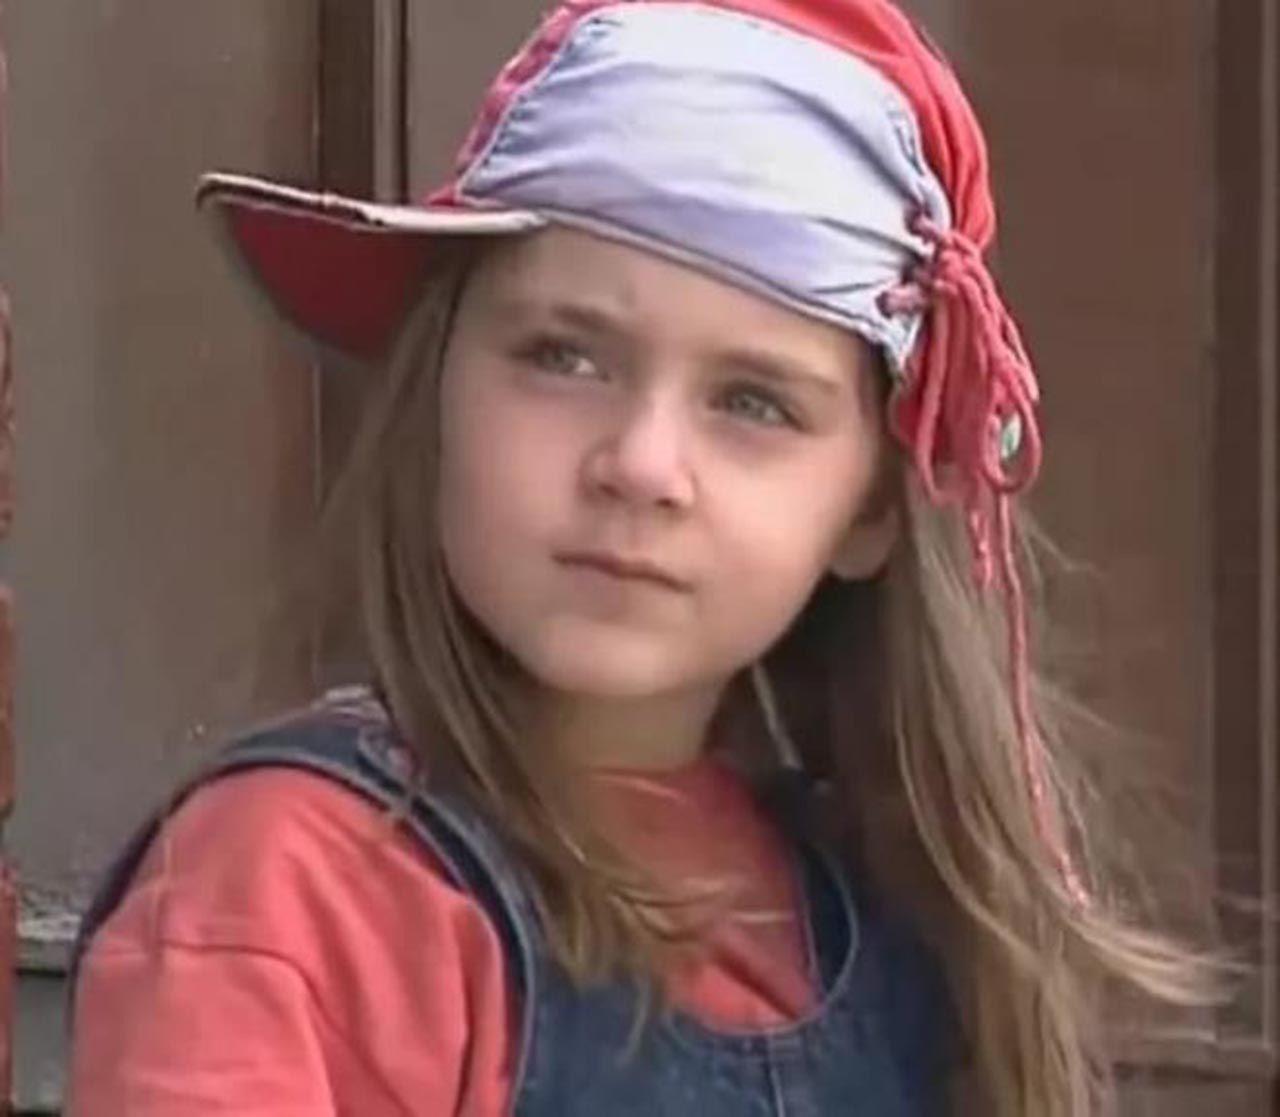 İşte 90'ların çocuk yıldızı Ayşecik'in son hali - Resim: 3